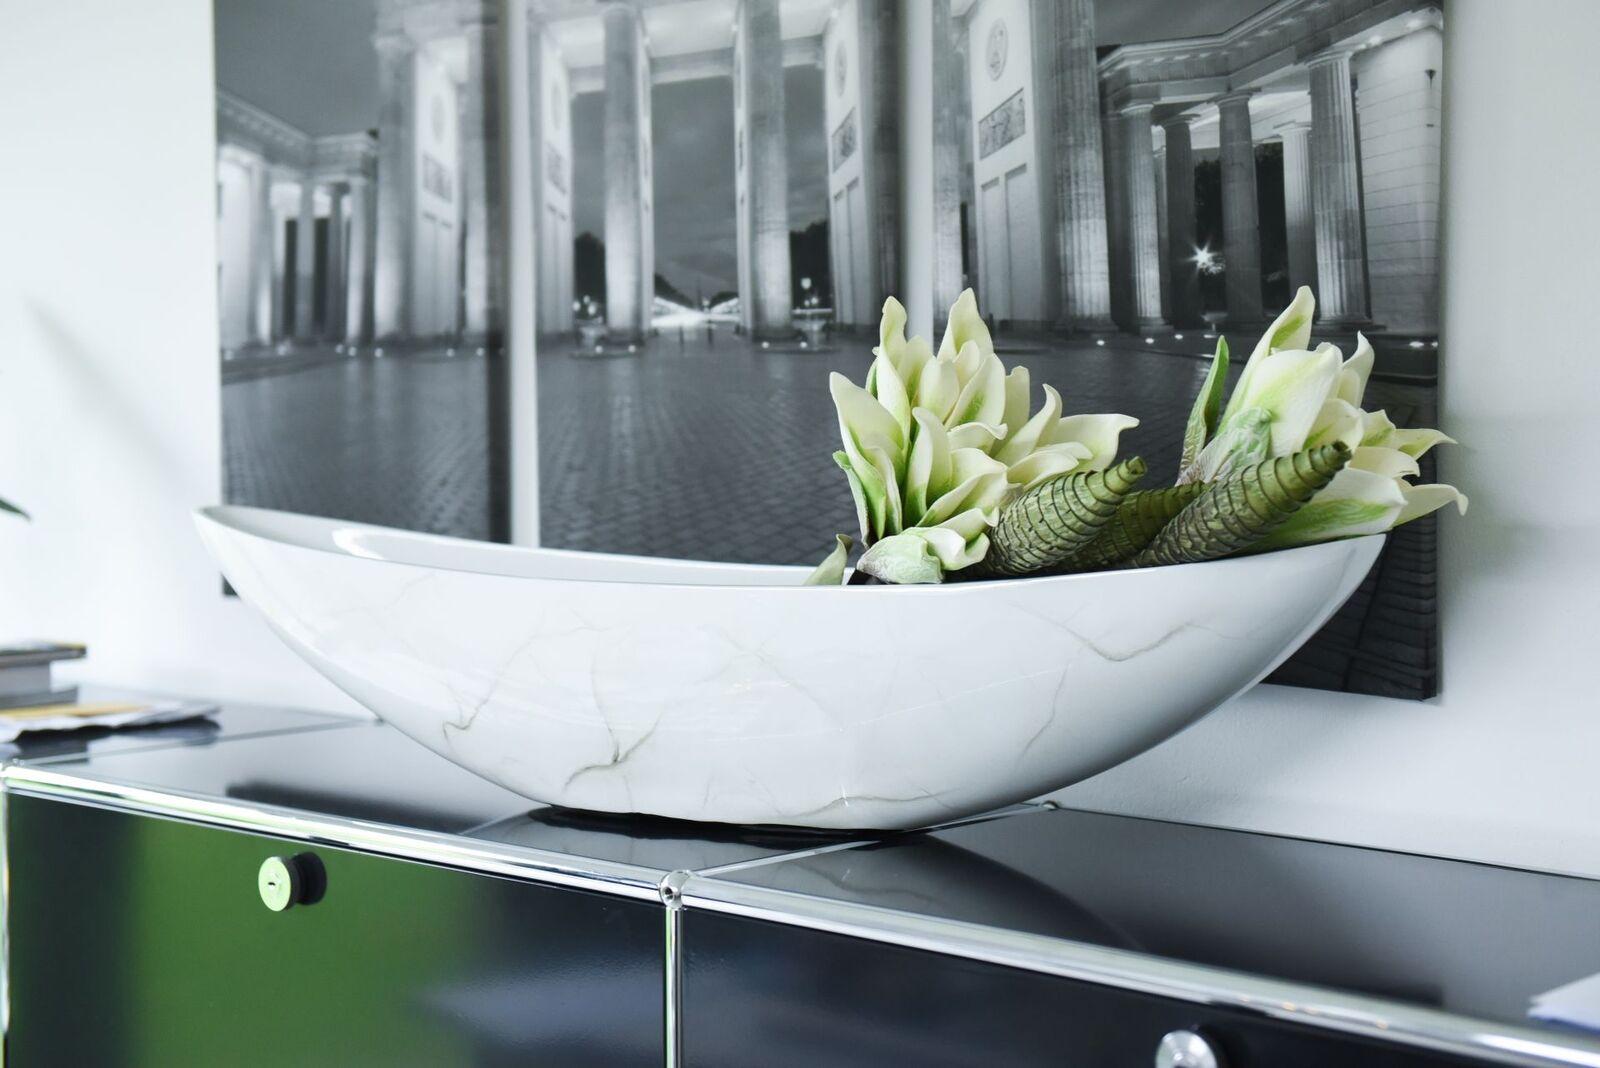 CIOTOLA VASCHETTA in Alexa esclusiva  Alexa in  20x90x18 cm bianco lucido marmo 09e7d8